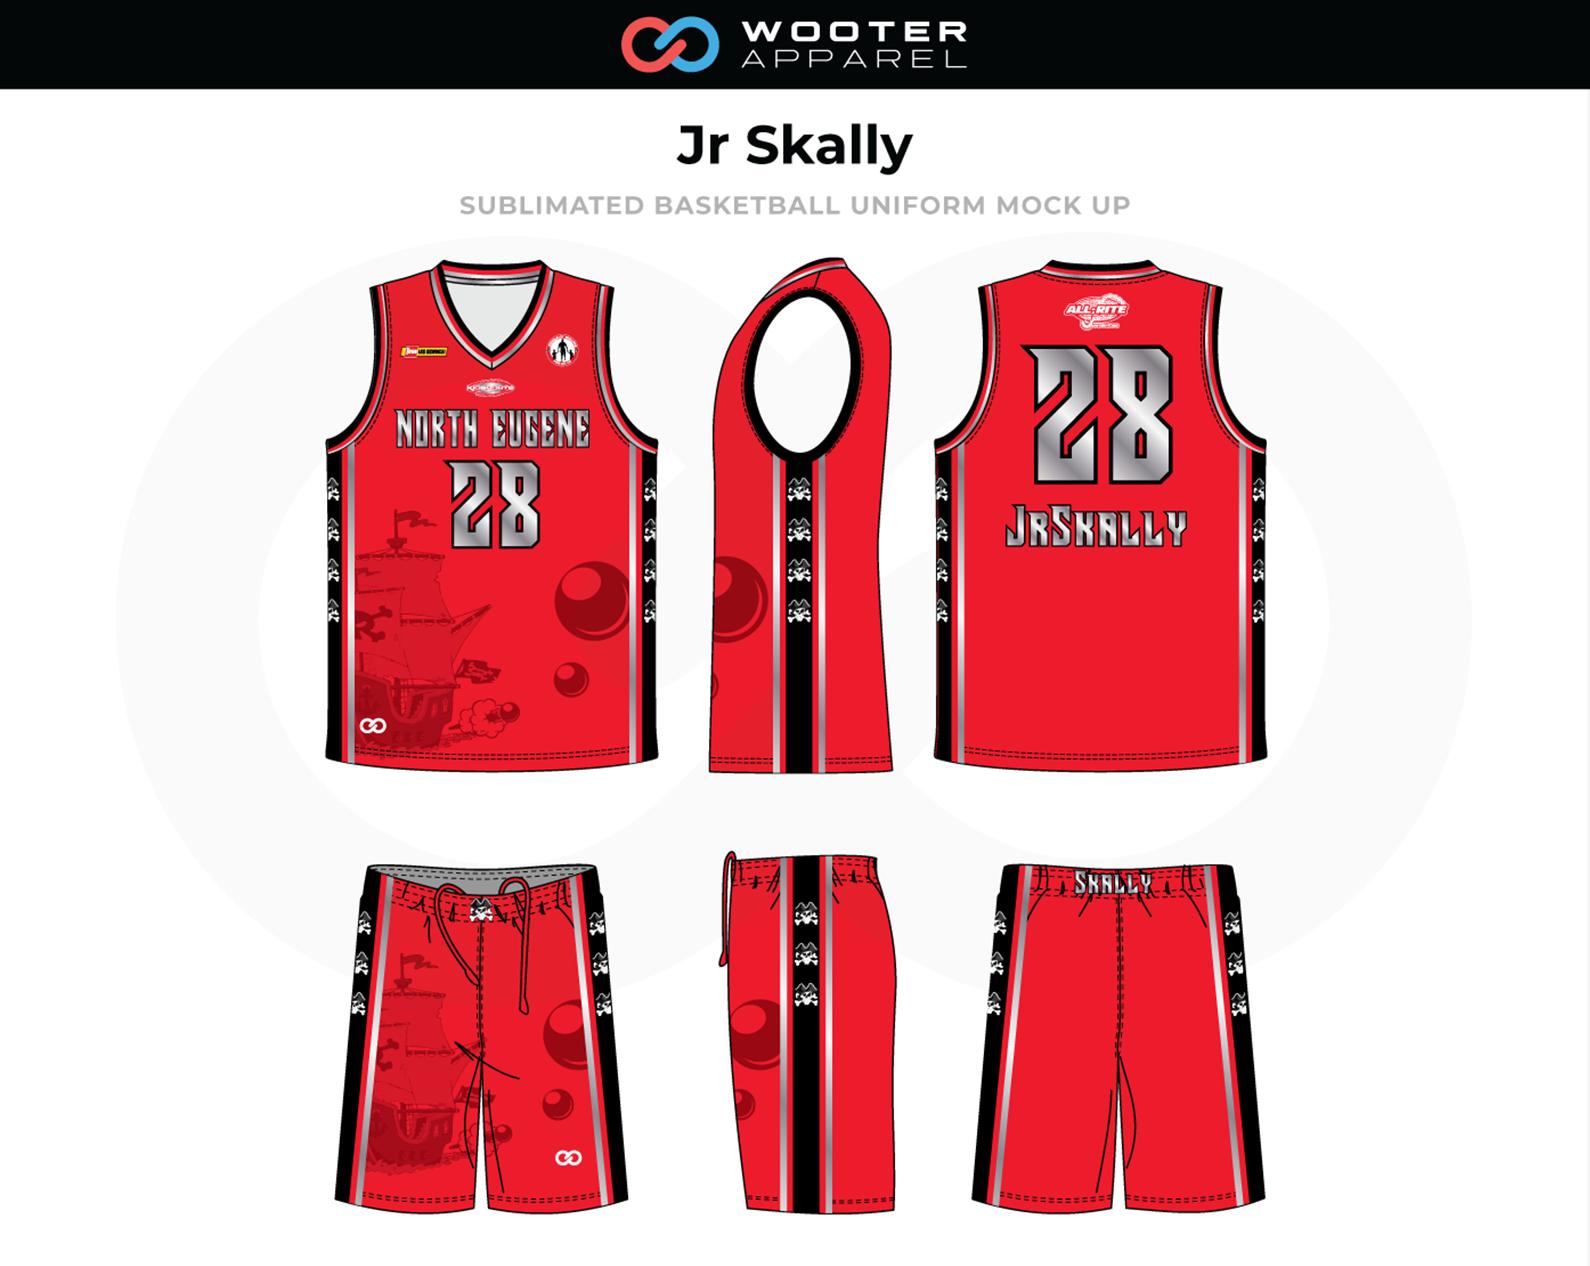 Jr-Skally-Sublimated-Basketball-Uniform-Mock-Up_v1_2018.png